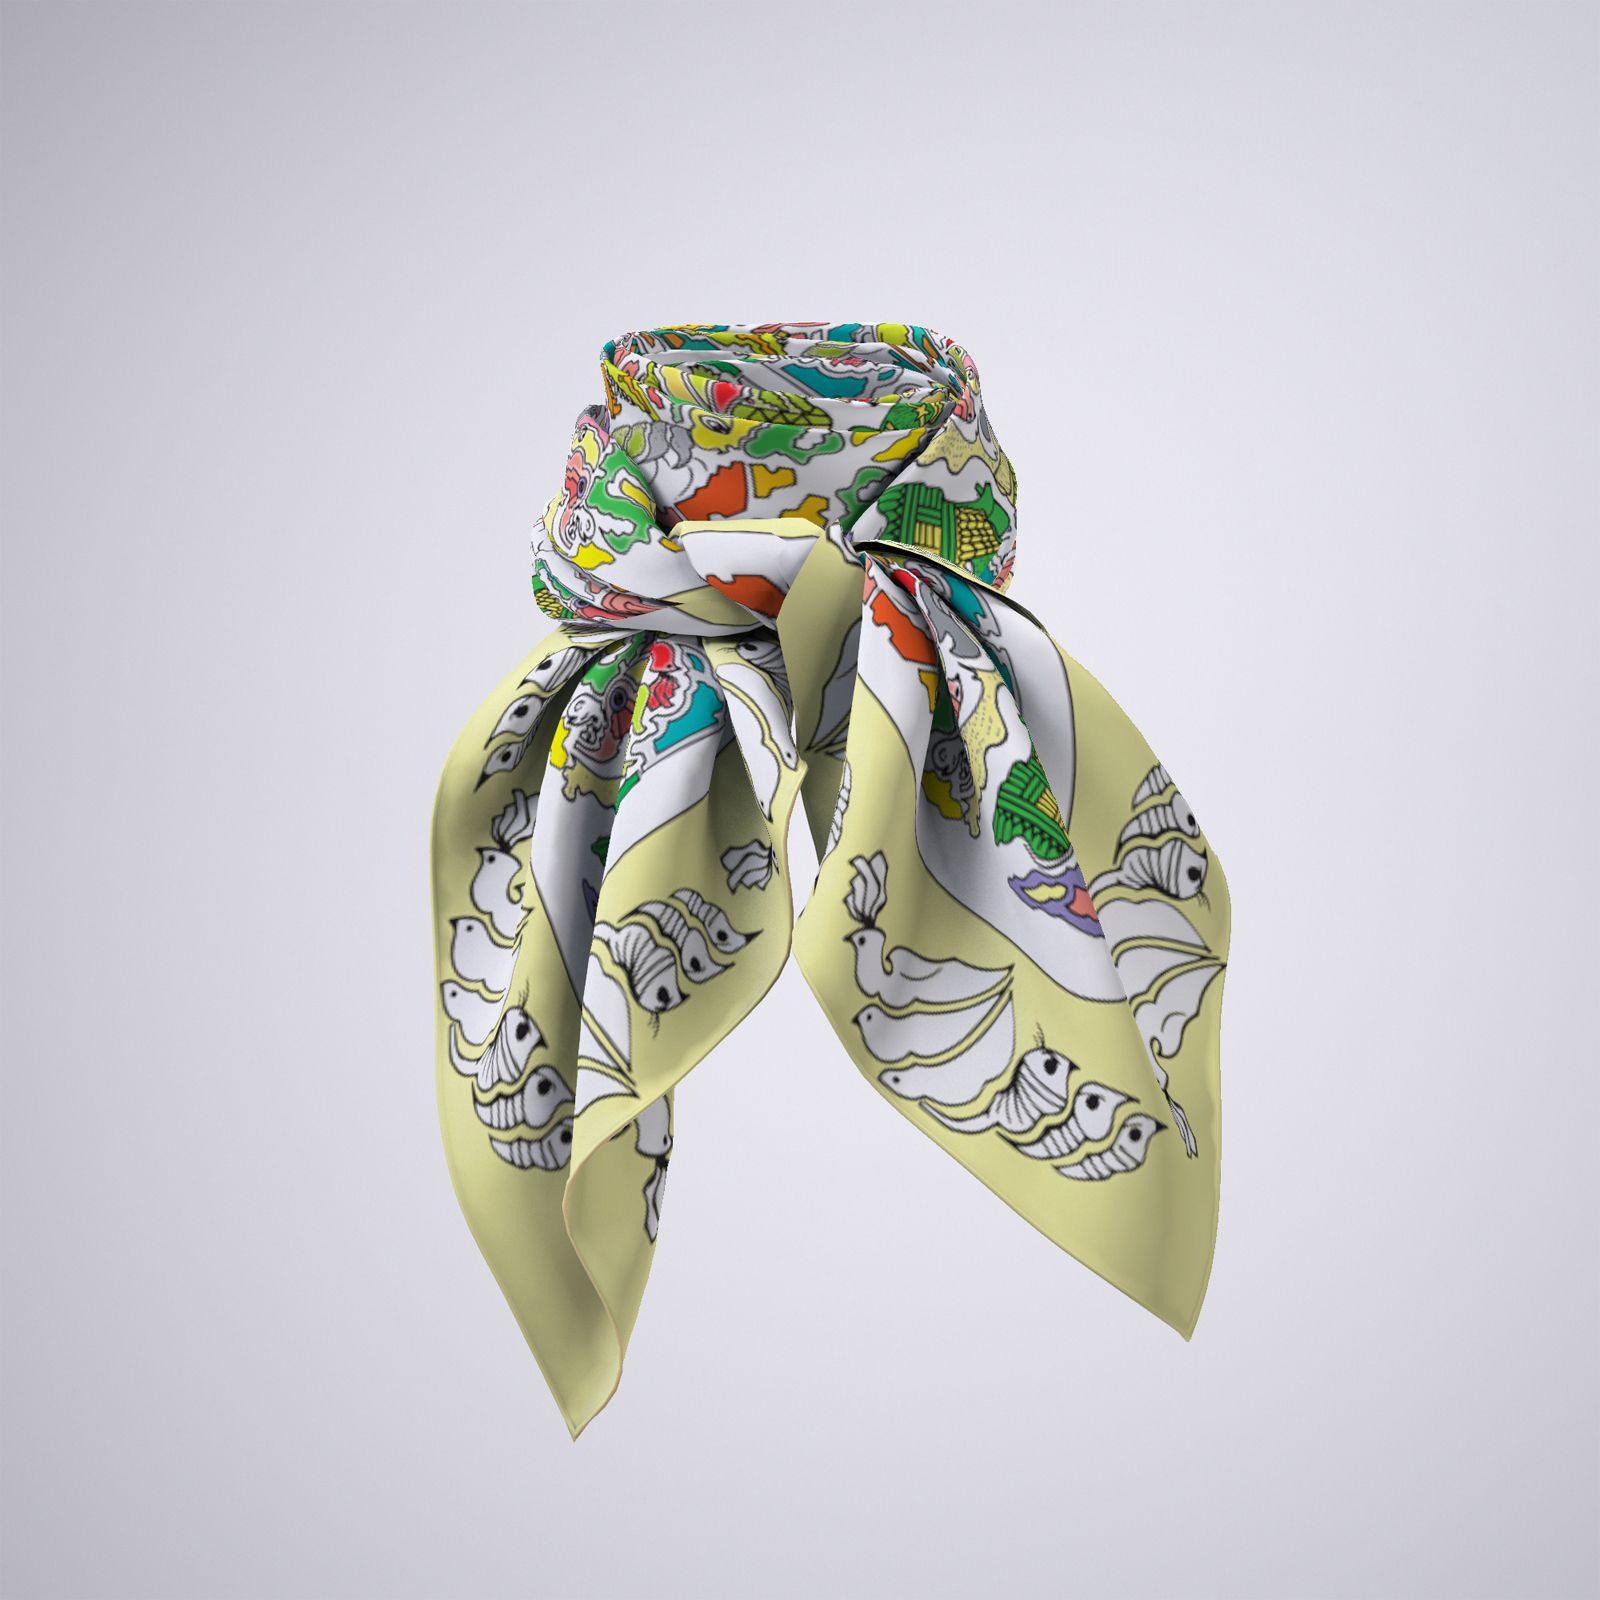 روسری زنانه مدل باغ پرندگان کد 01 -  - 4